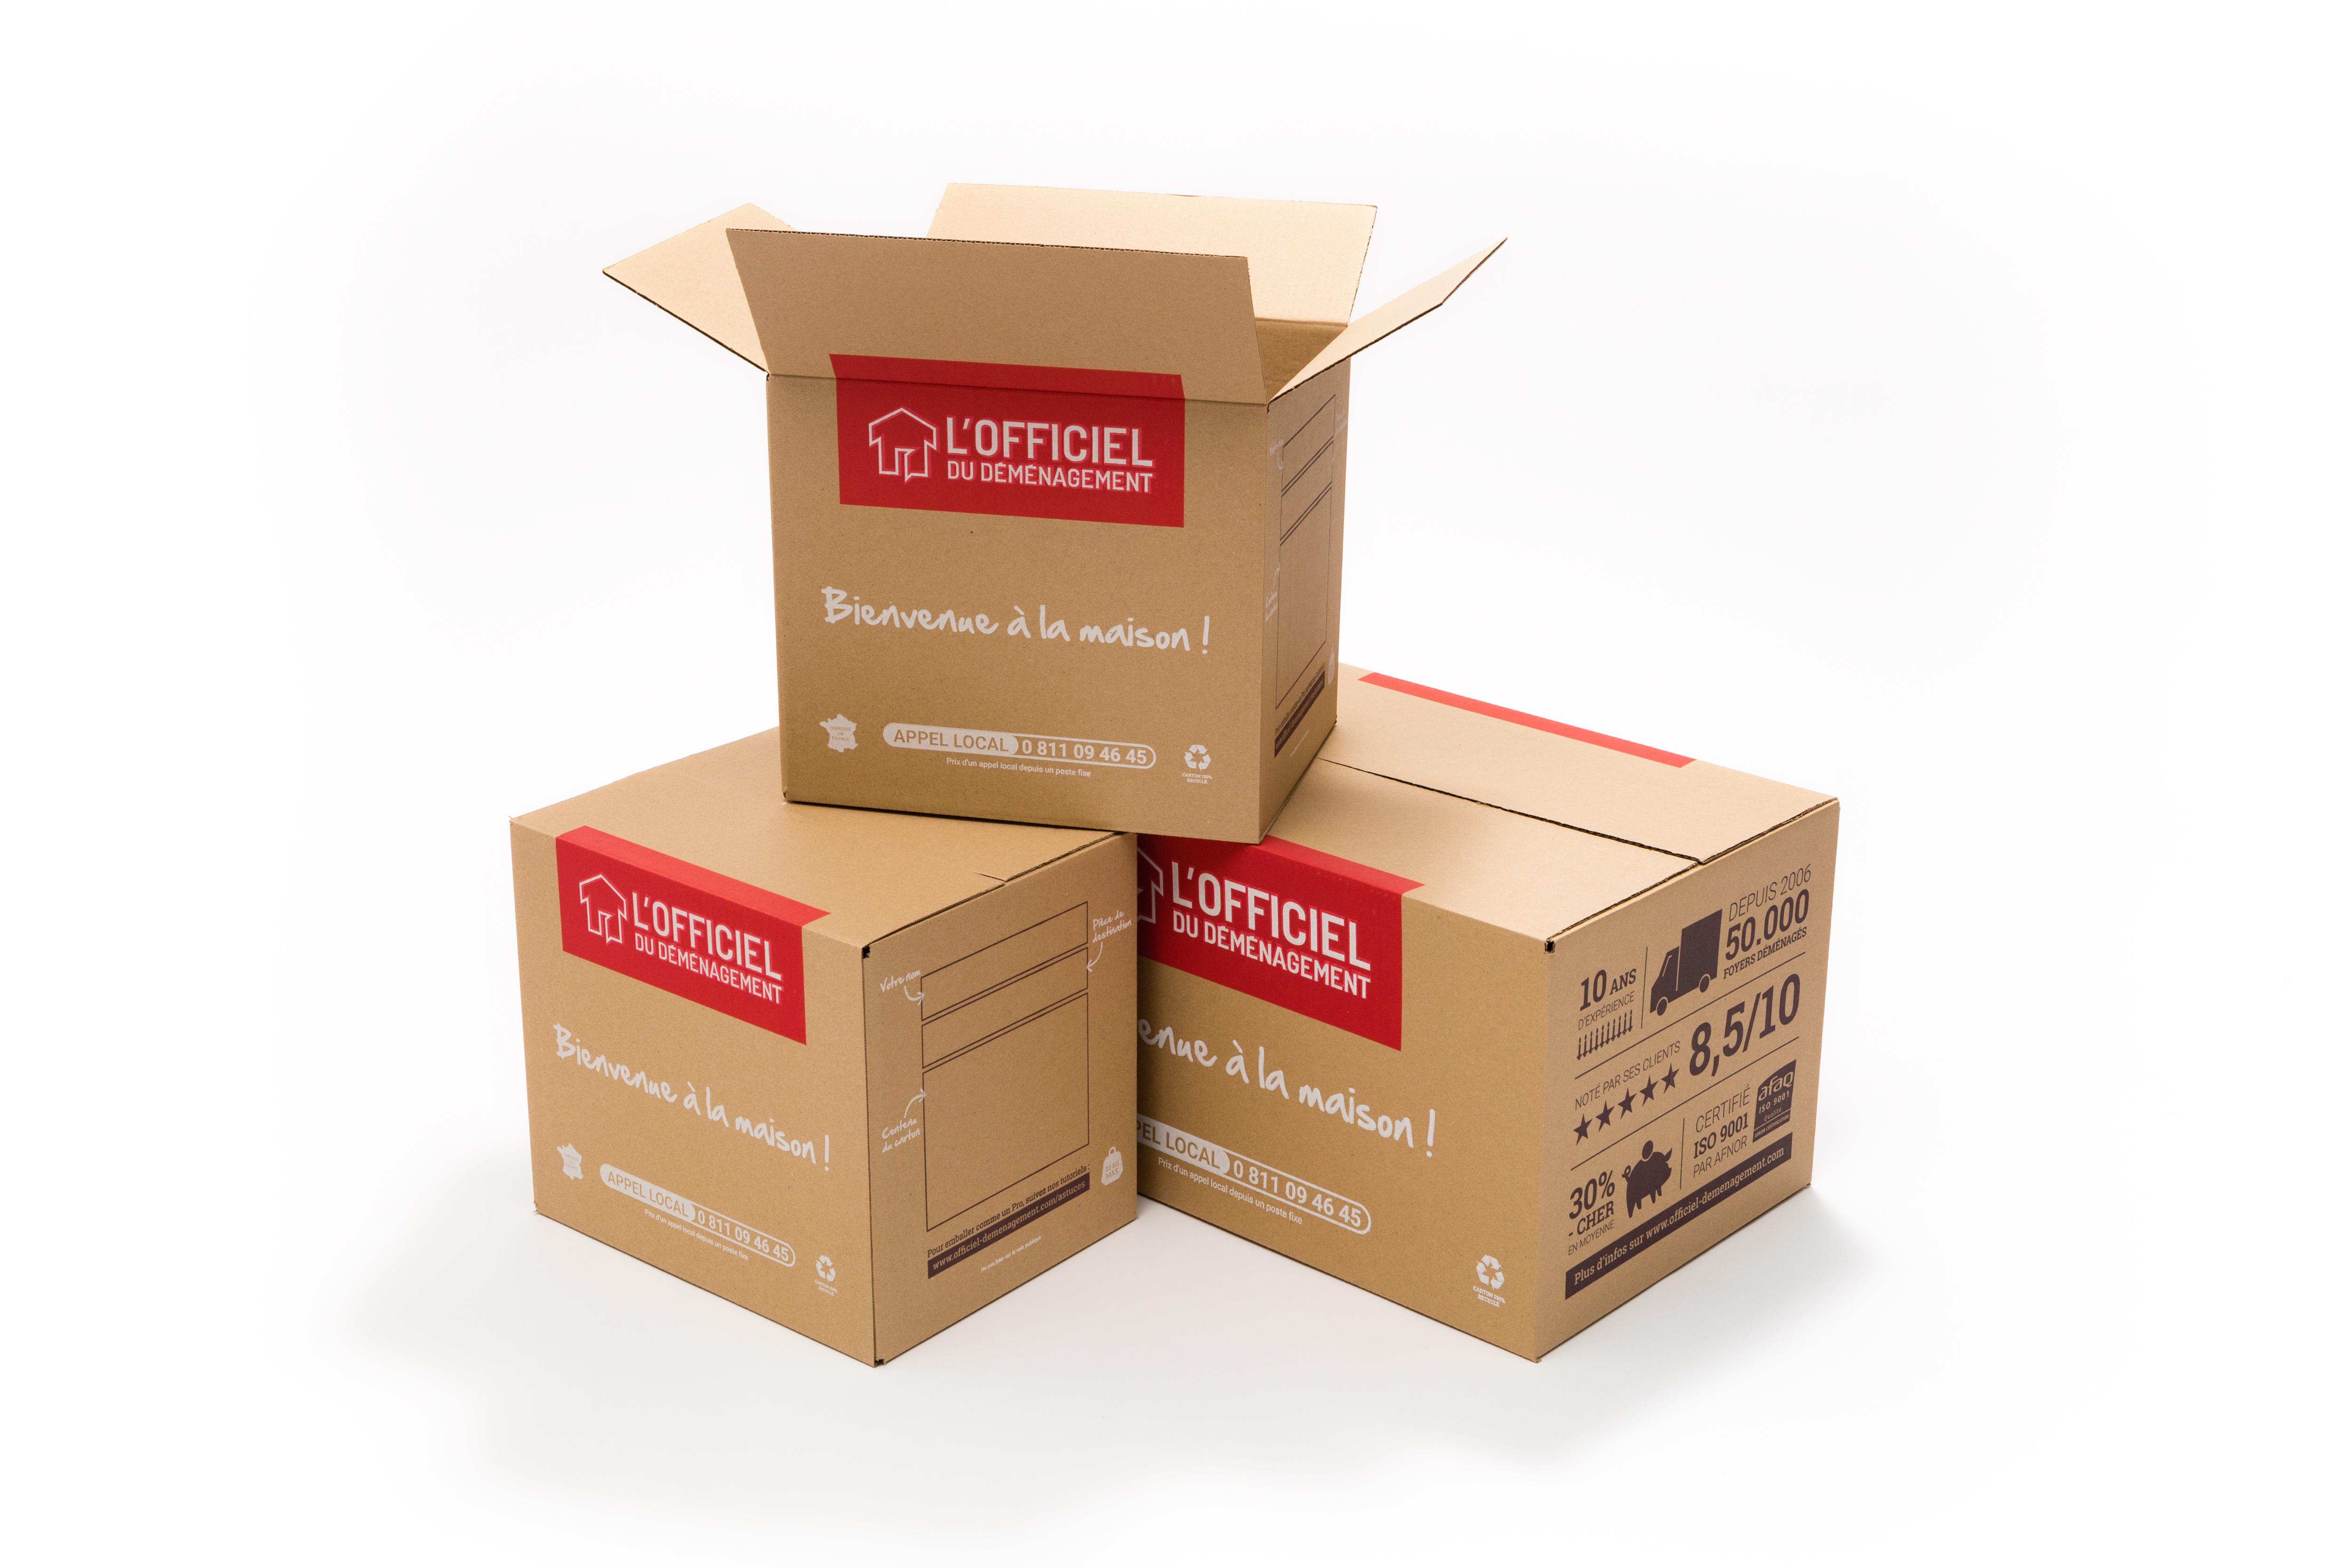 cartons de déménagement l'officiel du déménagement